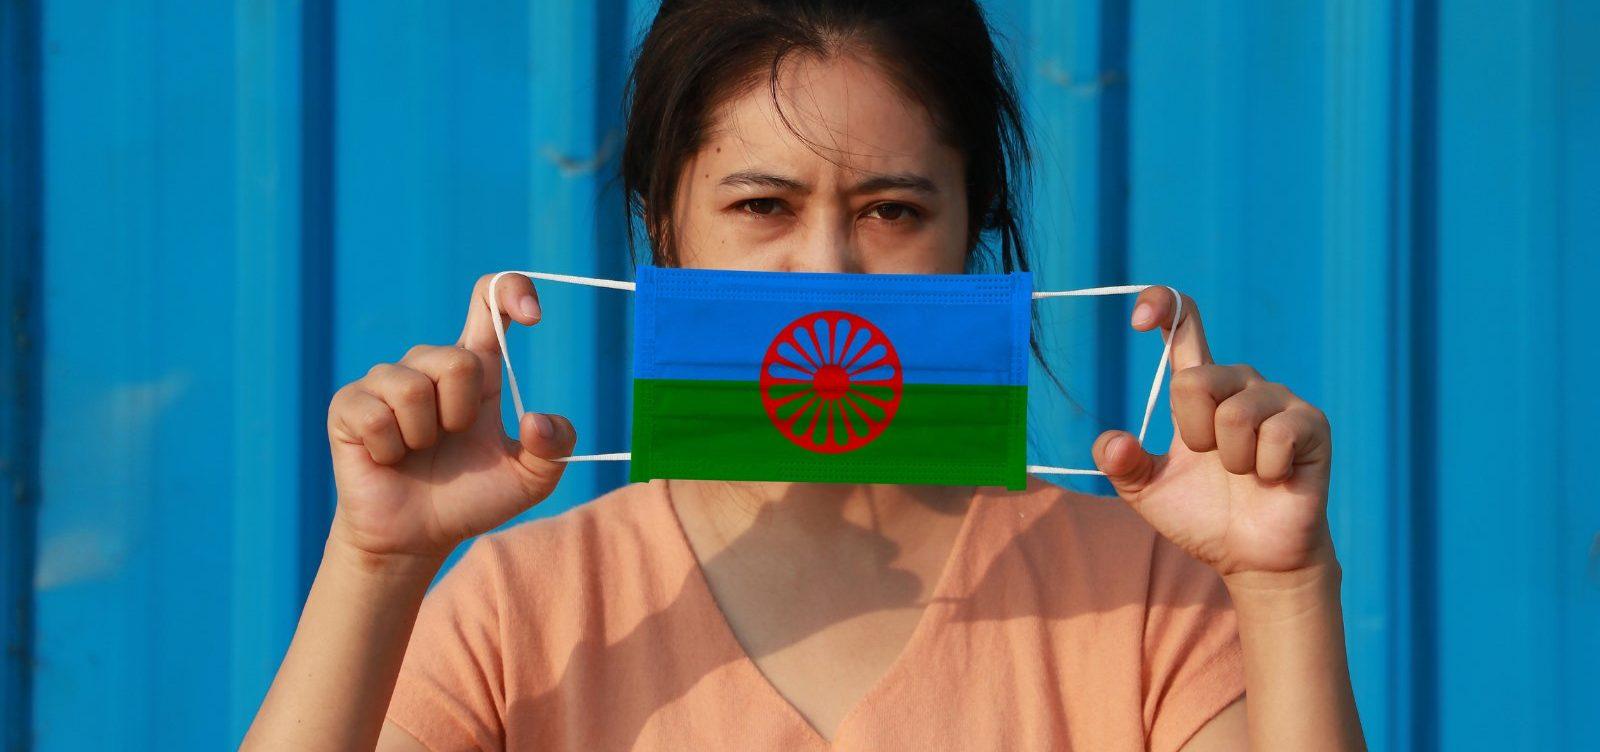 Especialista da ONU exorta governos a combater discursos de ódio e crimes contra povos ciganos e minorias